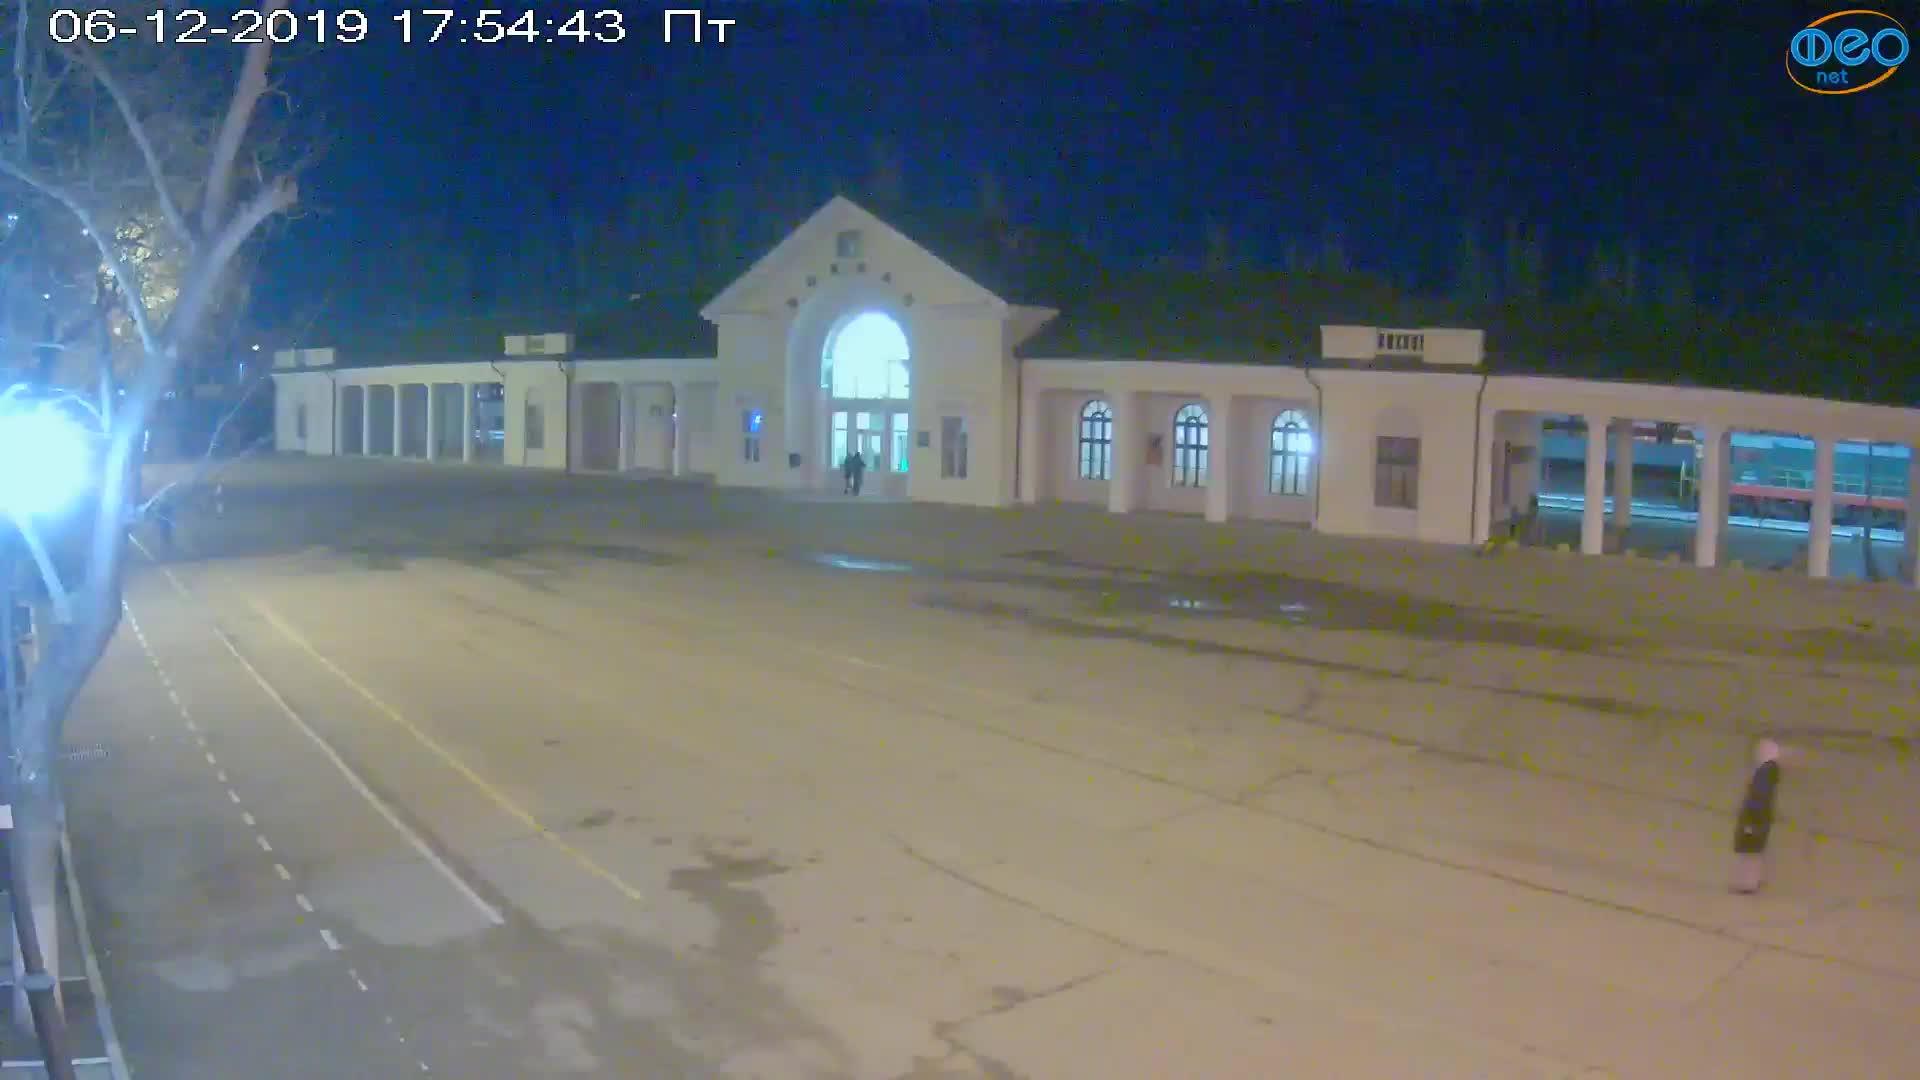 Веб-камеры Феодосии, Привокзальная площадь, 2019-12-06 17:55:09